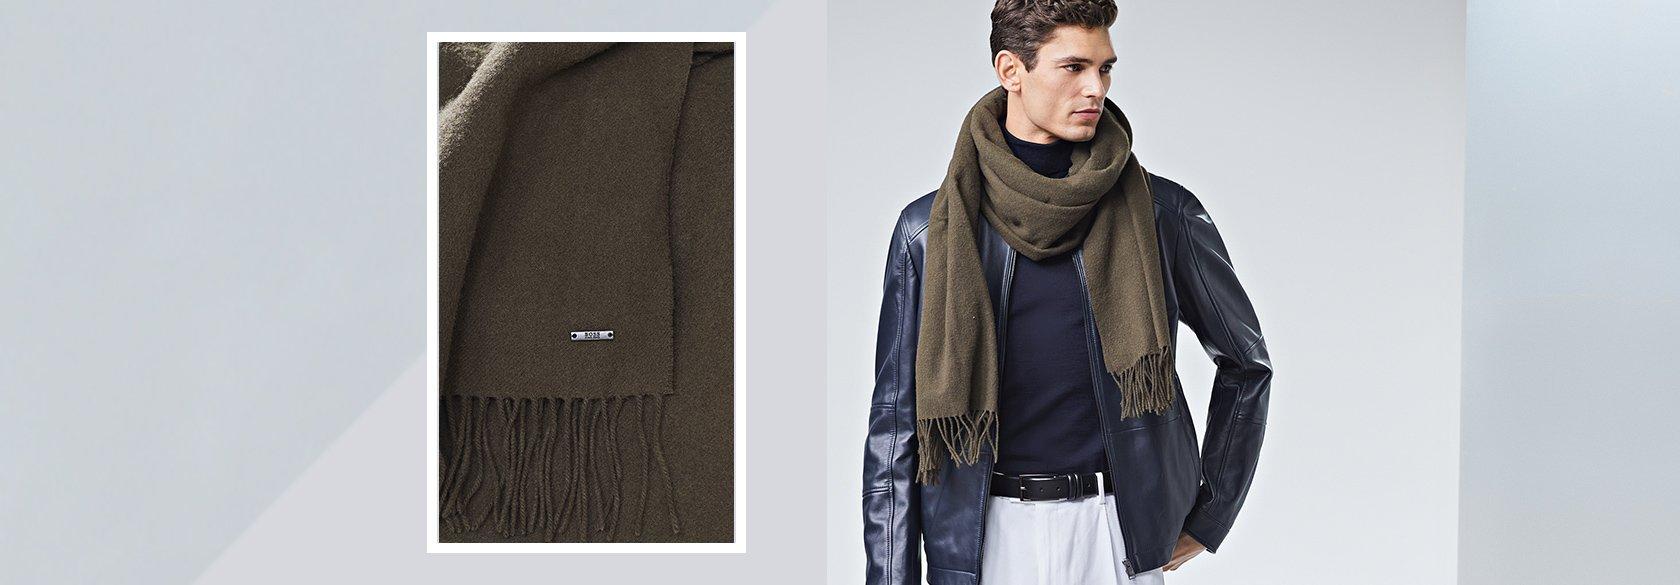 Comment porter l écharpe BOSS Hommes – Classiques   élégants fa9b3f201e3